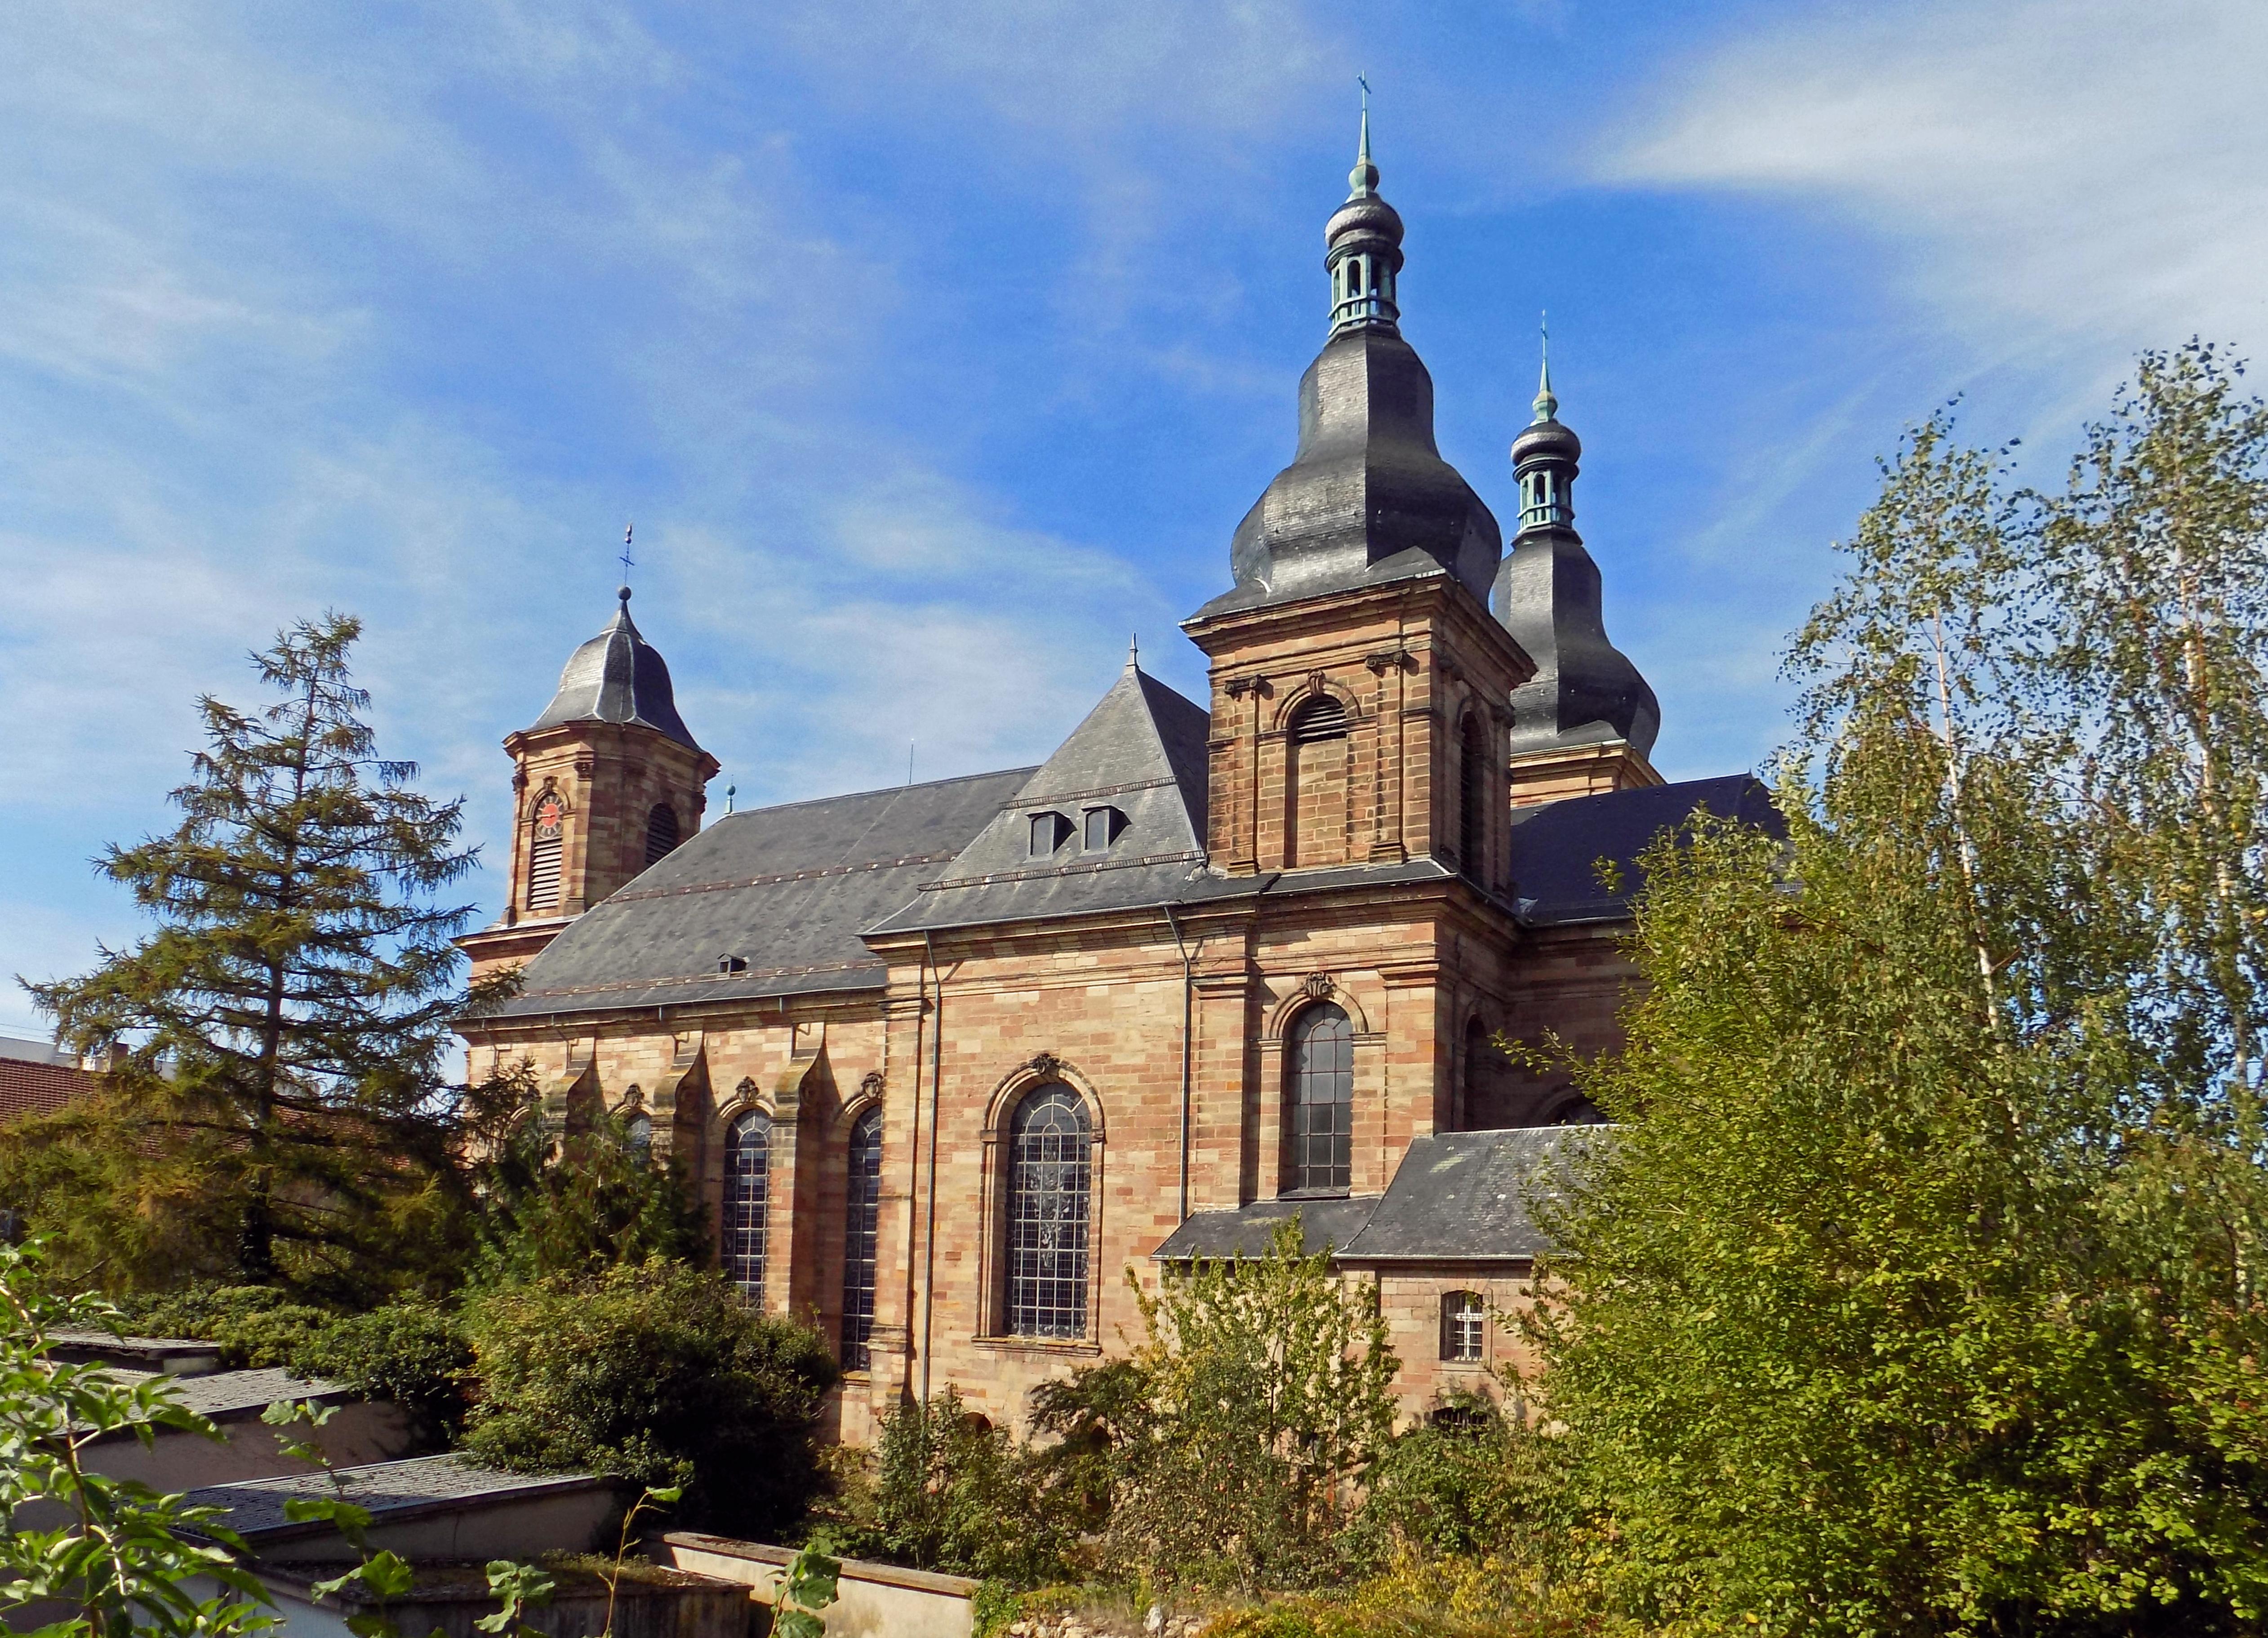 fichier:chevet de l'abbatiale saint-nabor de saint-avold — wikipédia